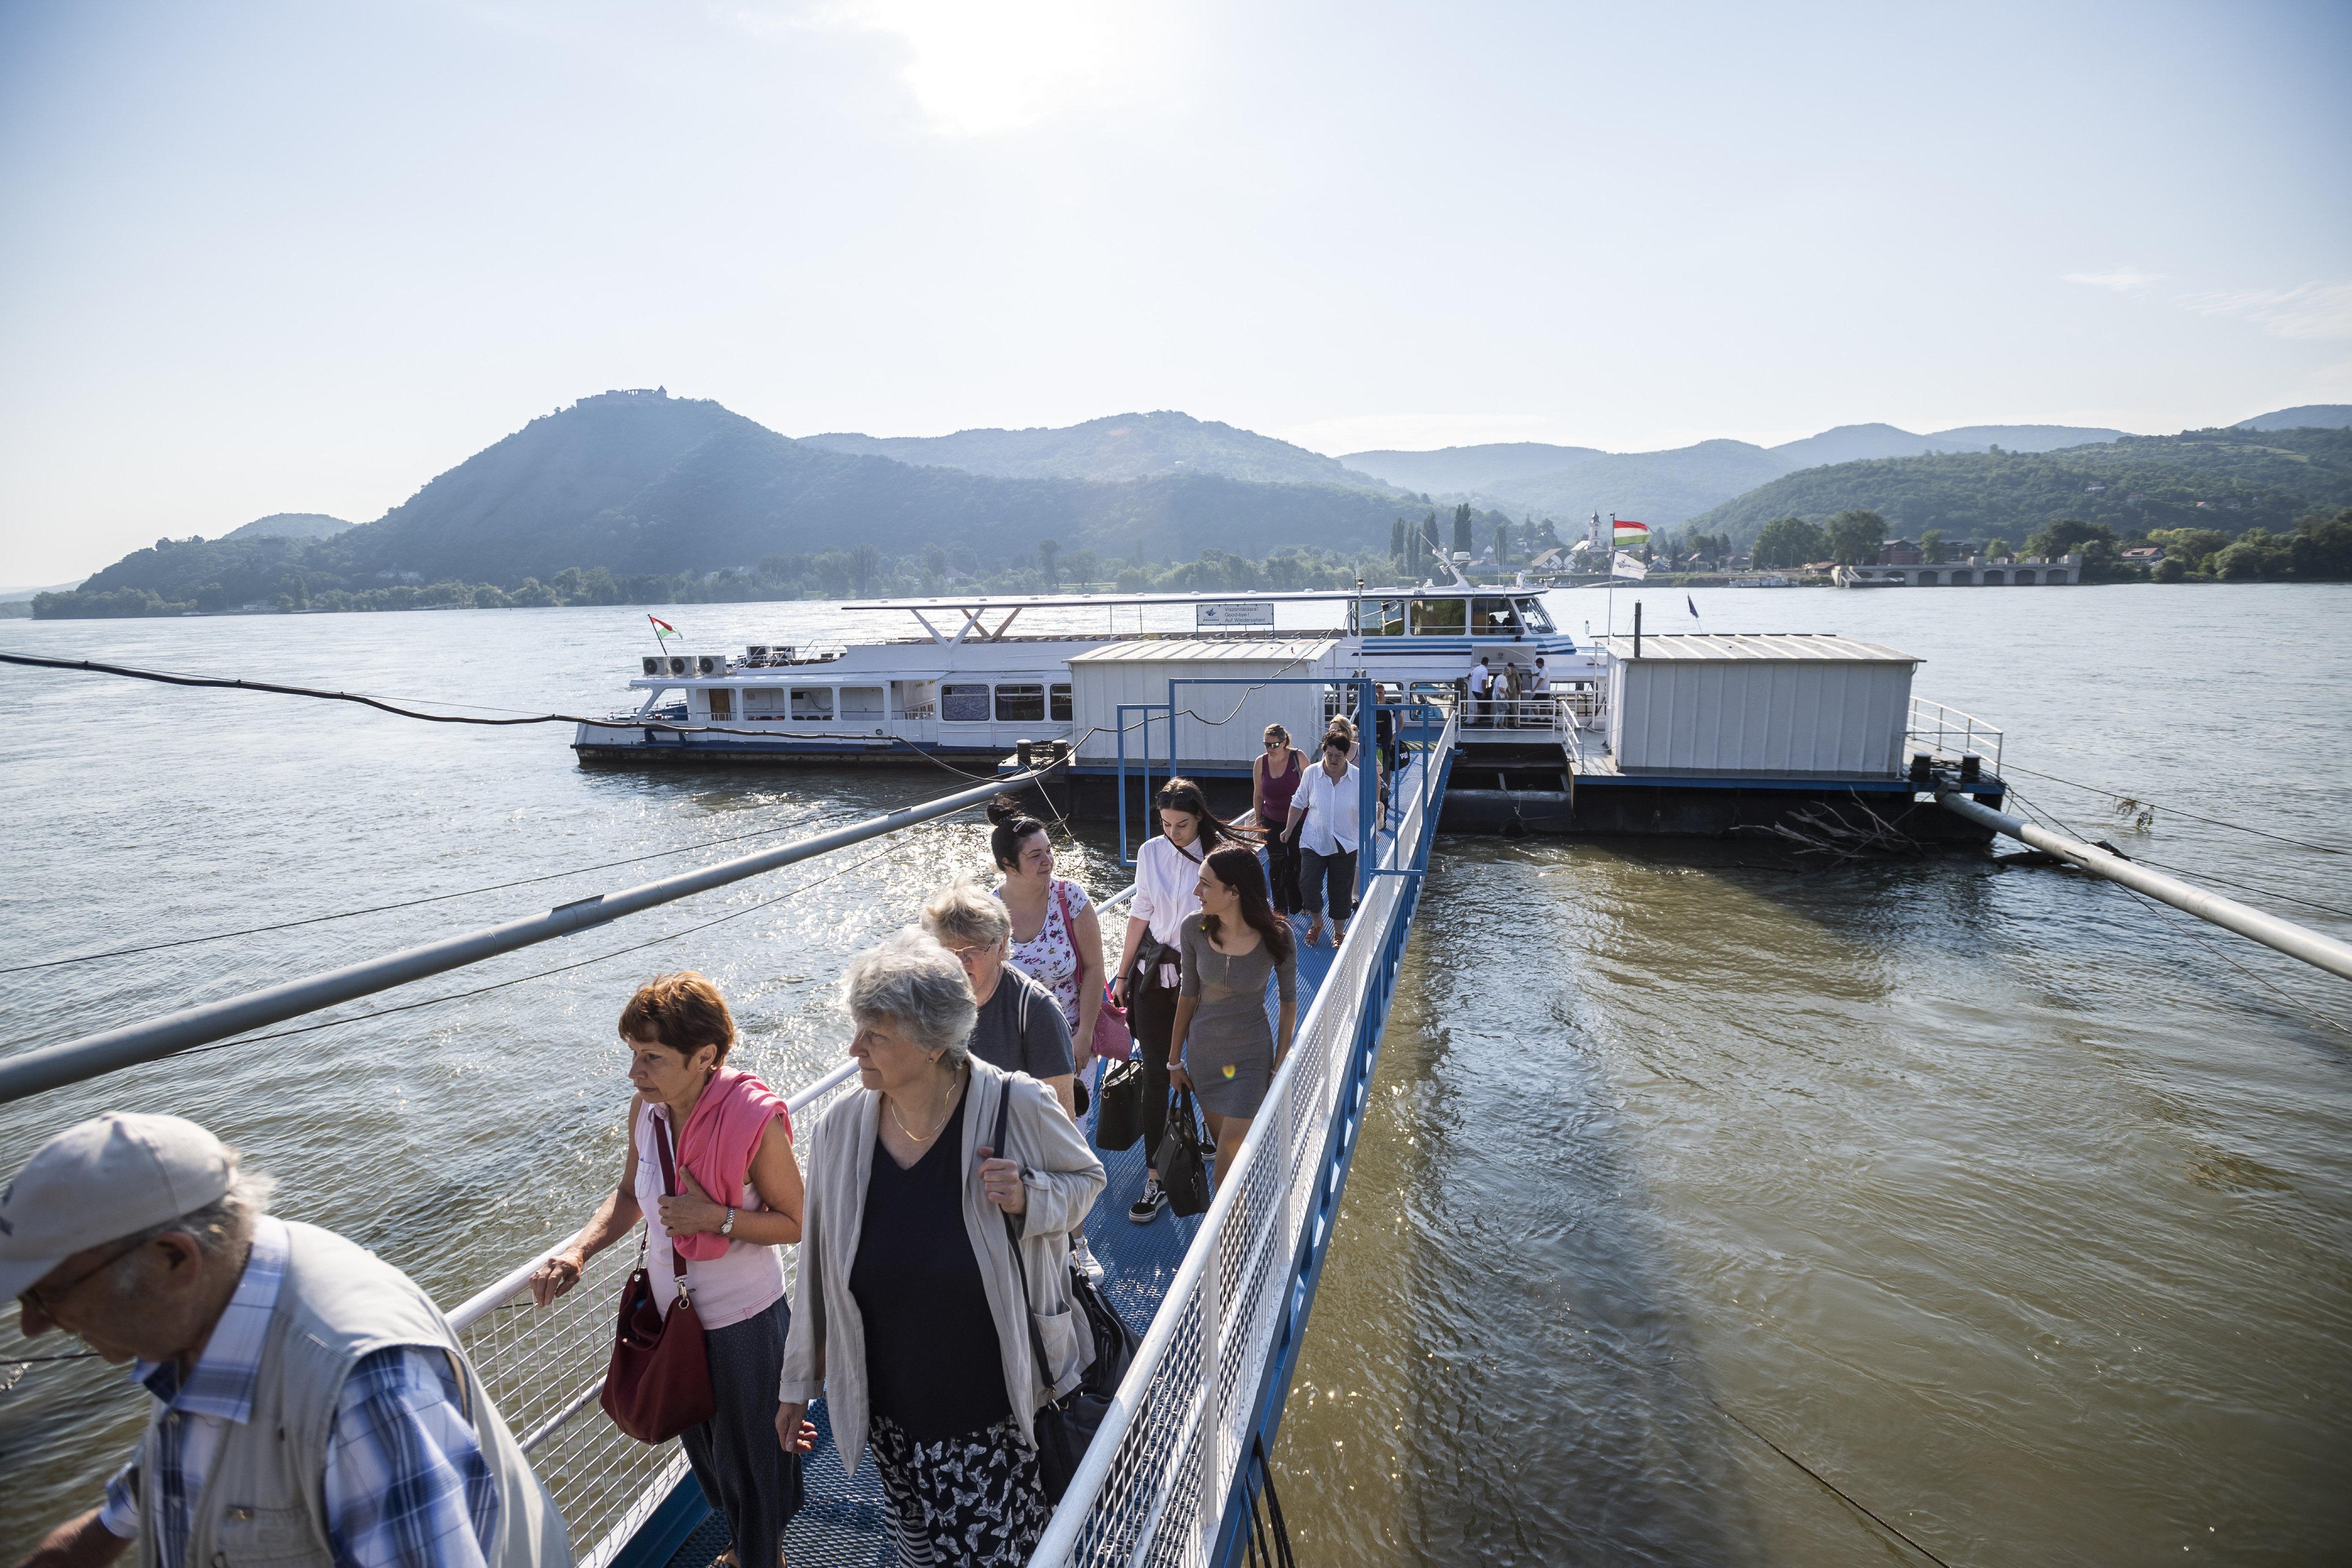 Szombattól nemcsak teraszon ülni, de hajókázni is lehet majd a Dunakanyarban